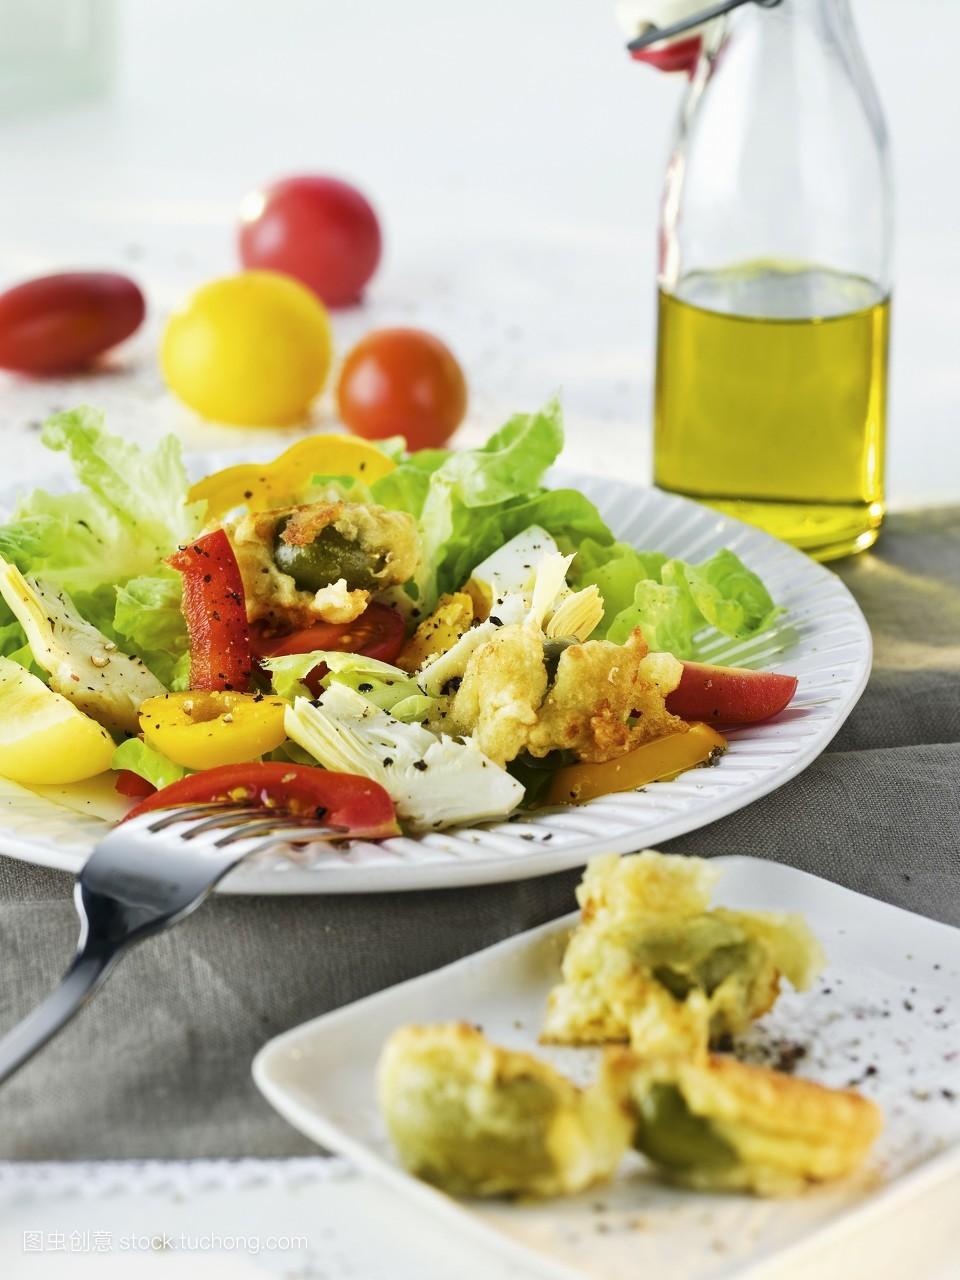 盘子,朝鲜蓟,无人,夏令食物,模糊背景,影棚拍摄,樱桃番茄,素菜,沙拉图片